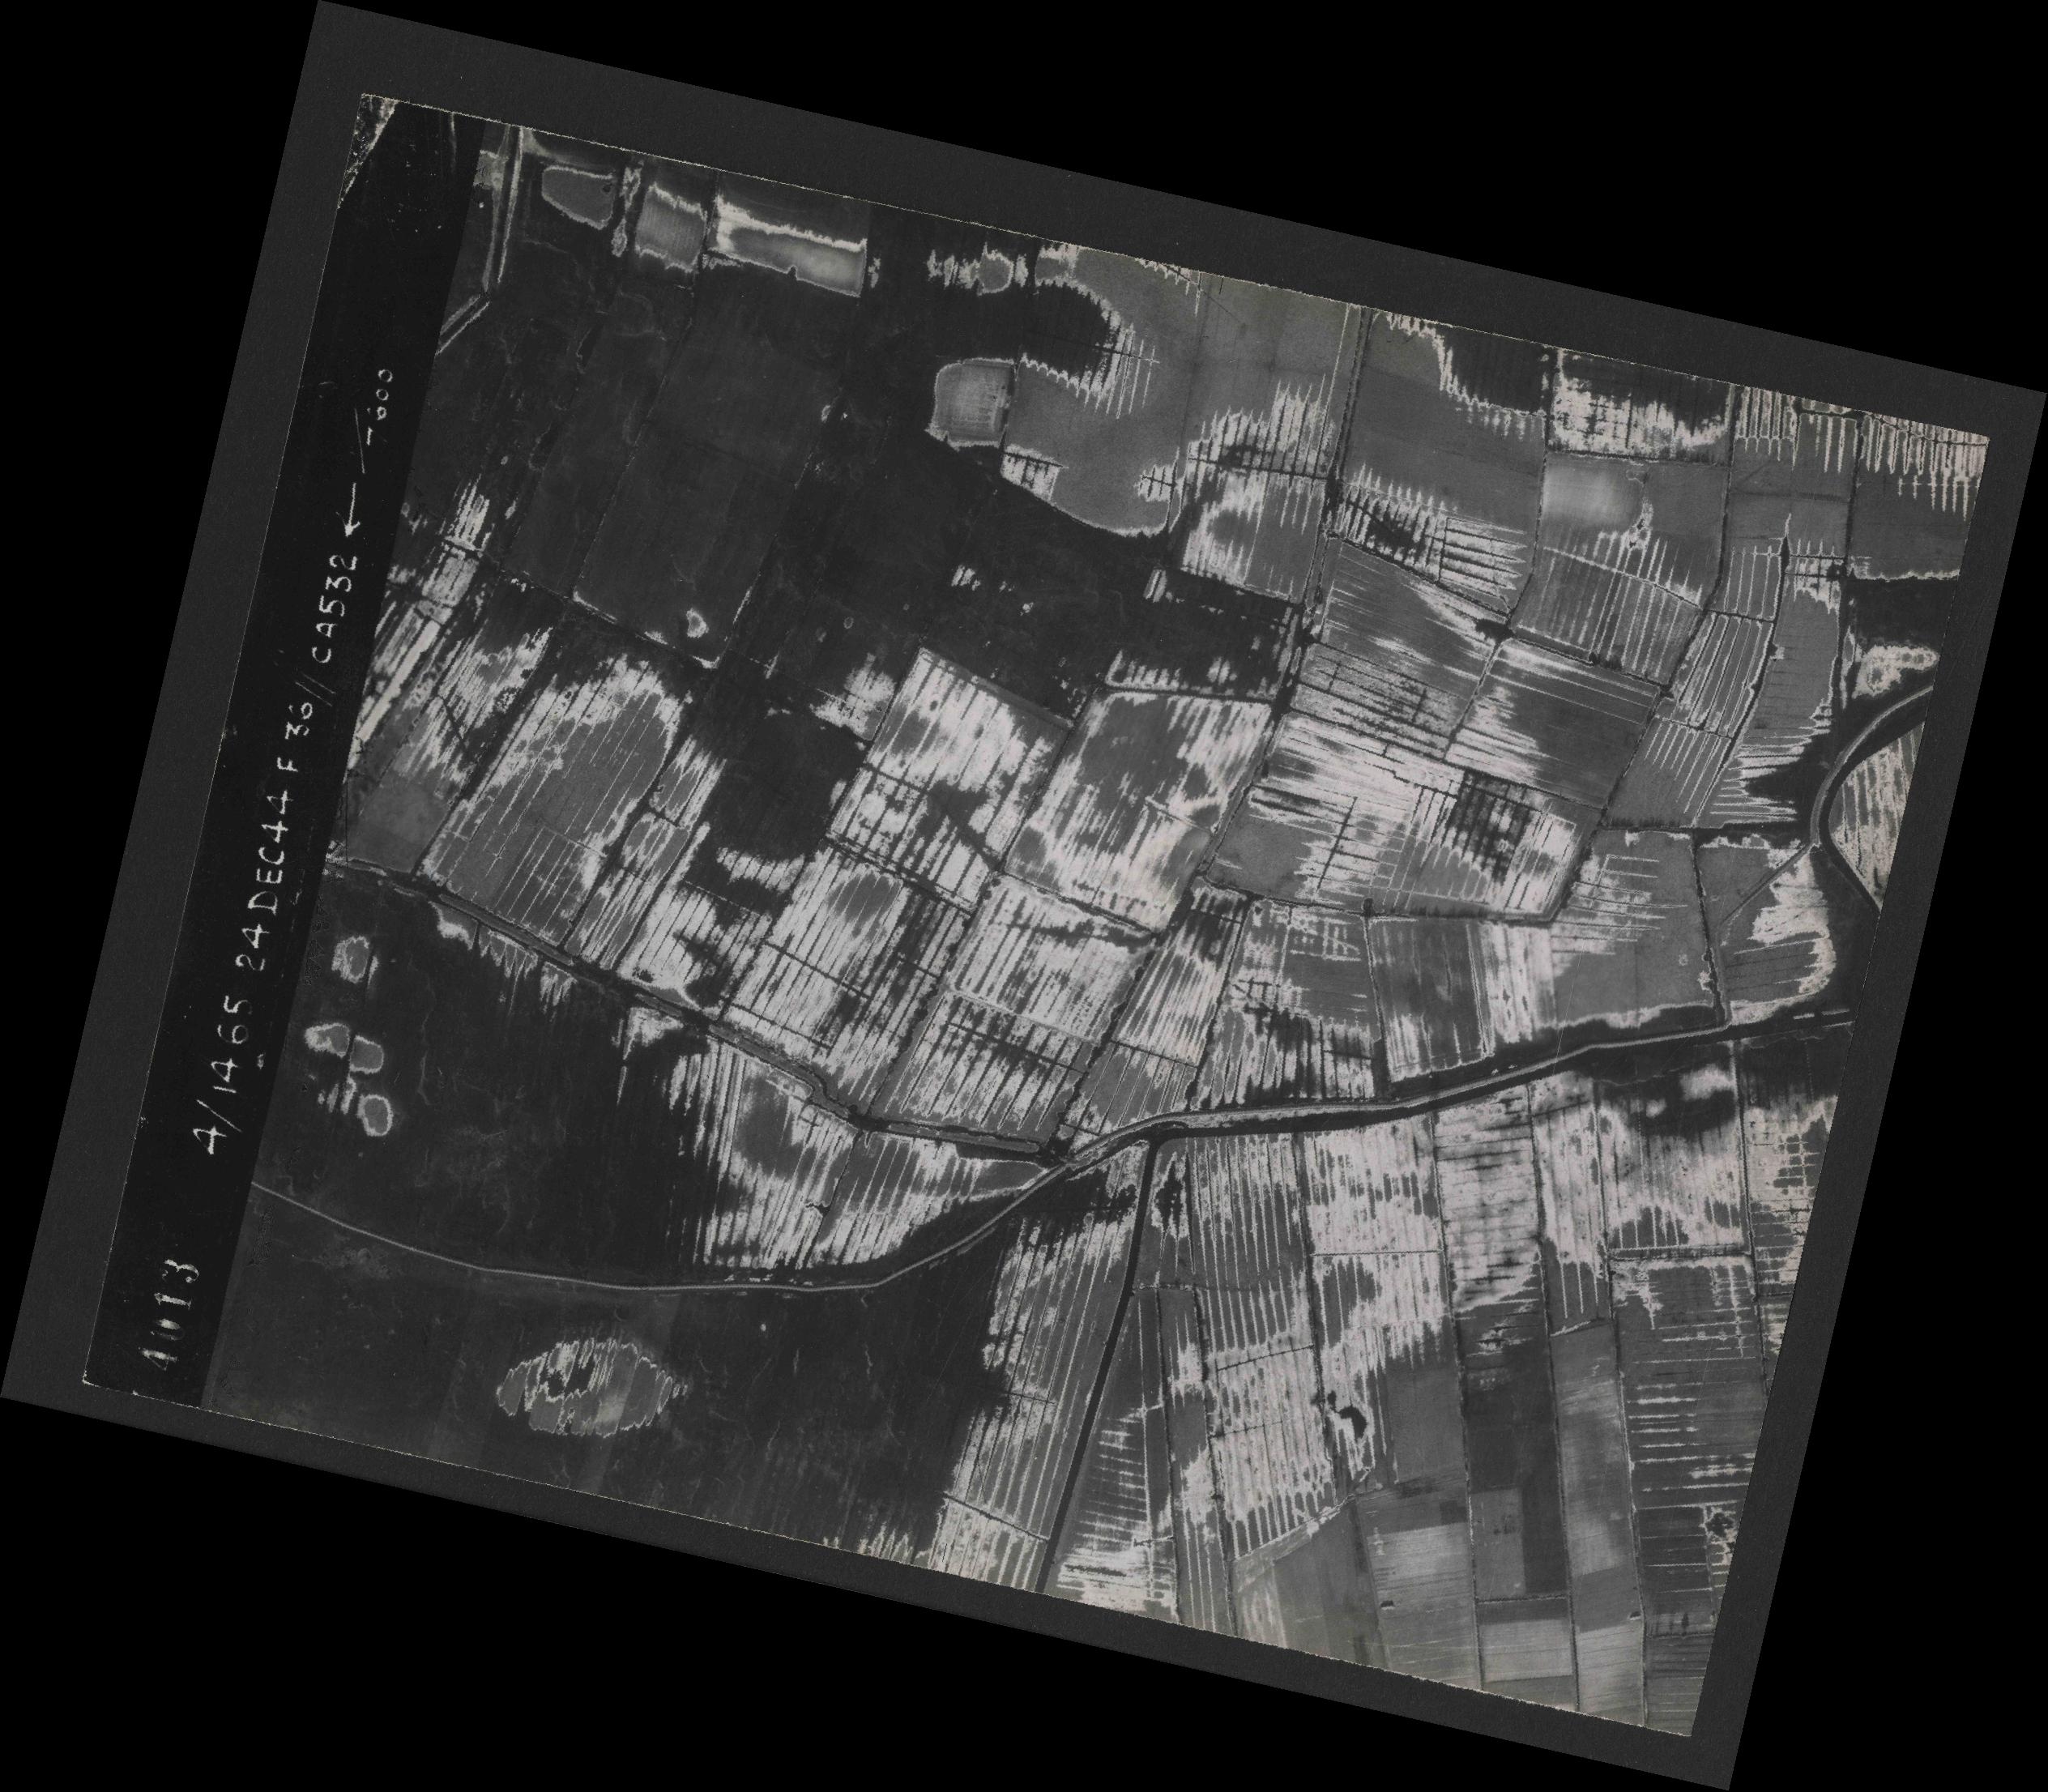 Collection RAF aerial photos 1940-1945 - flight 304, run 03, photo 4013